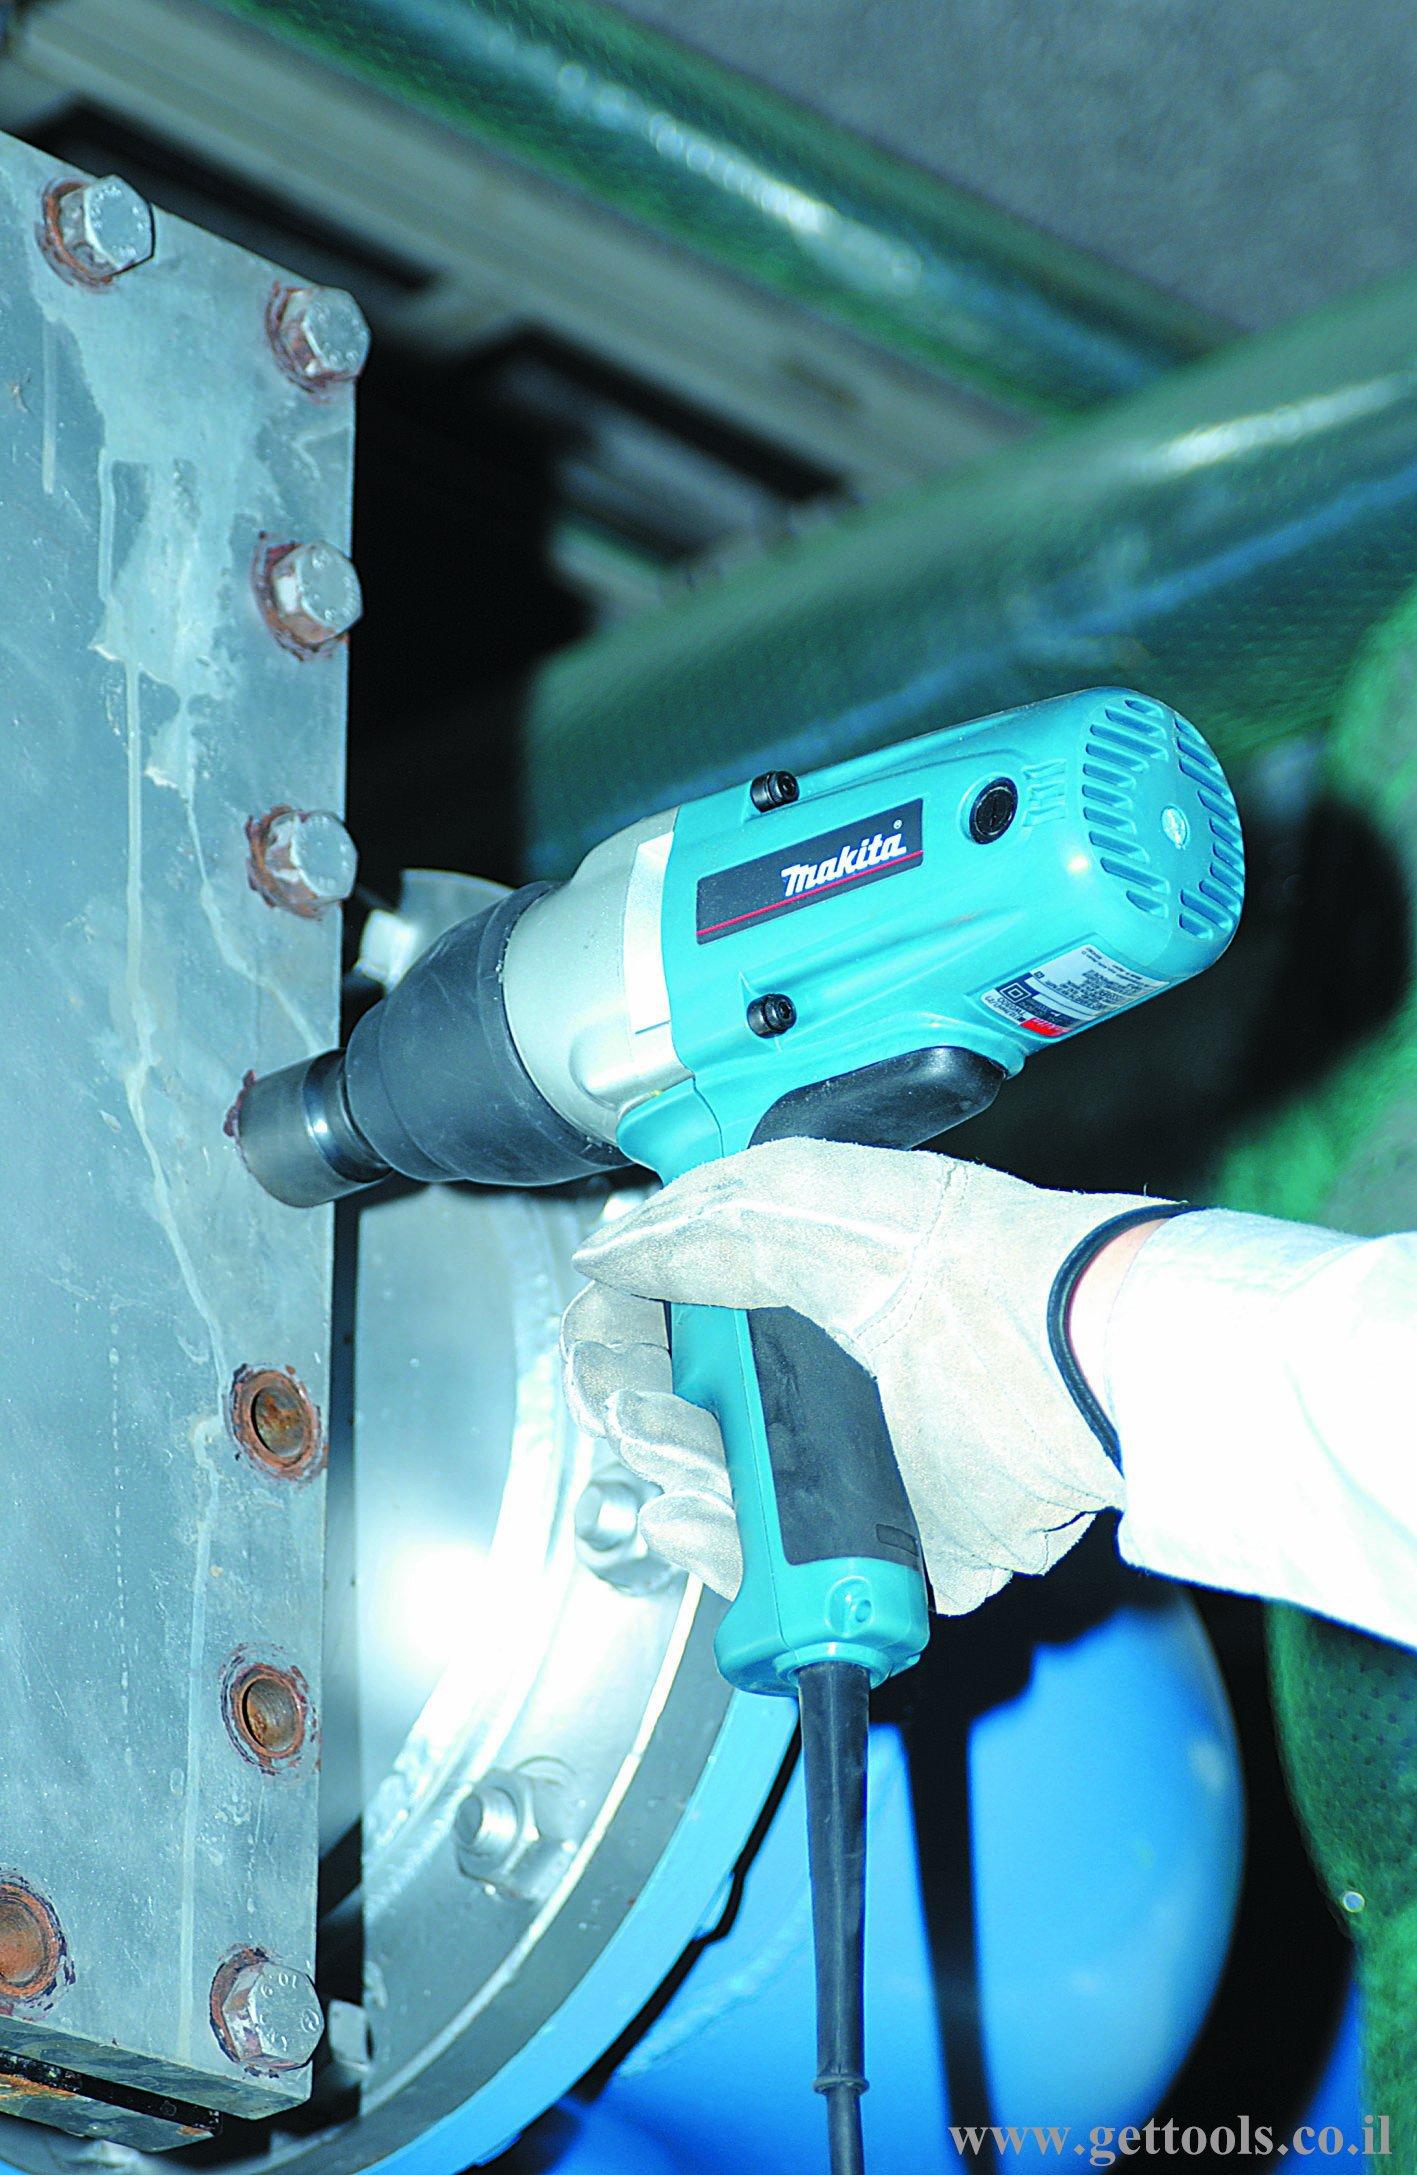 מפתח אימפקט מעולה לעבודות צנרת מורכבות TW0350